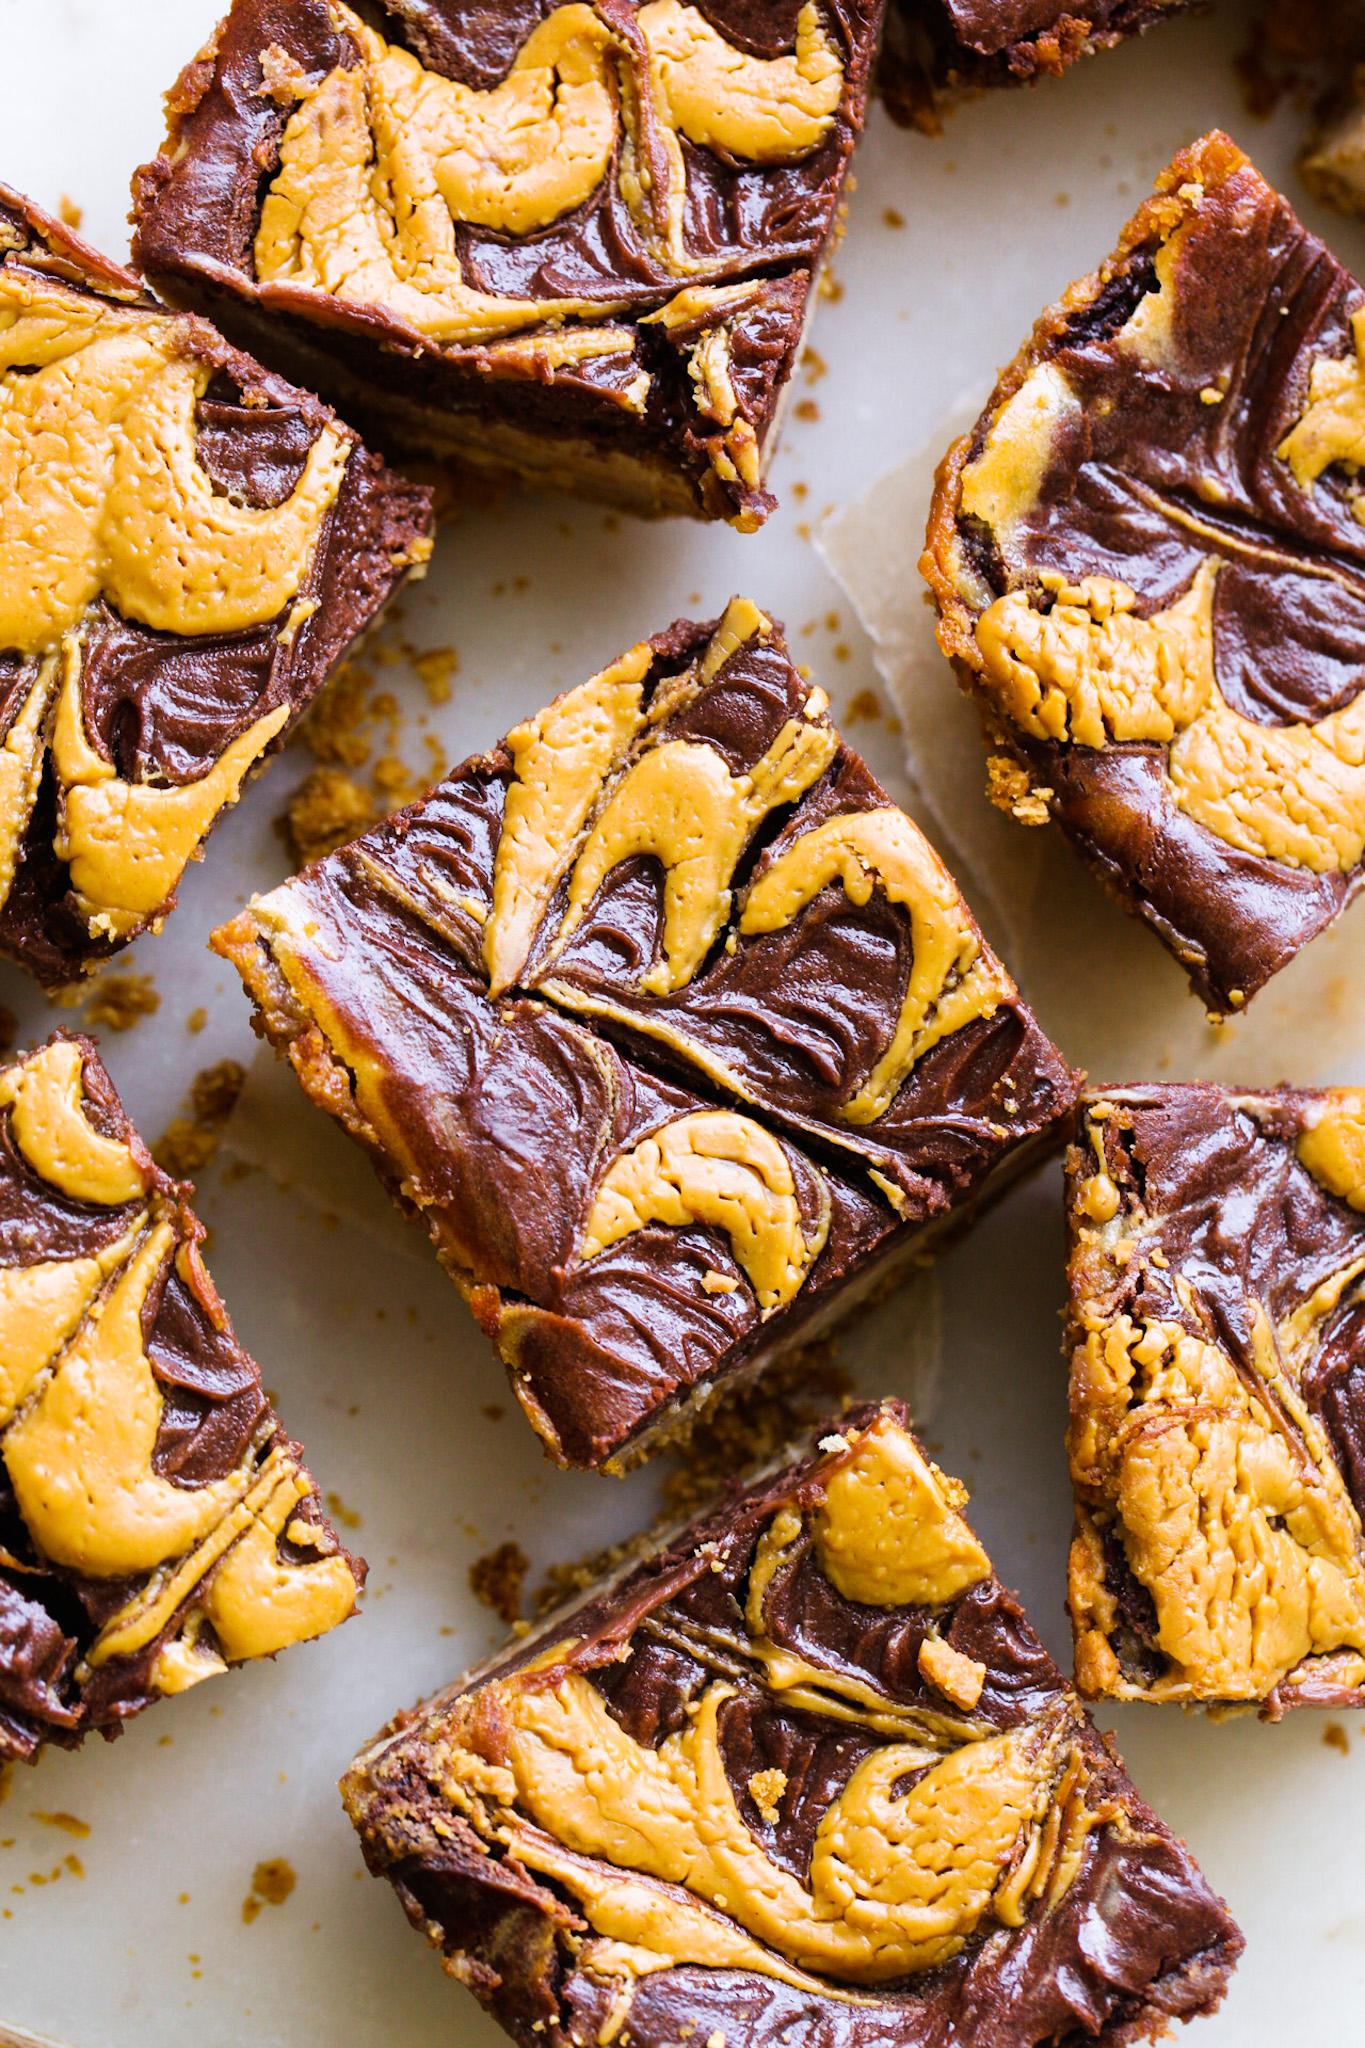 swirled peanut butter cheesecake bites